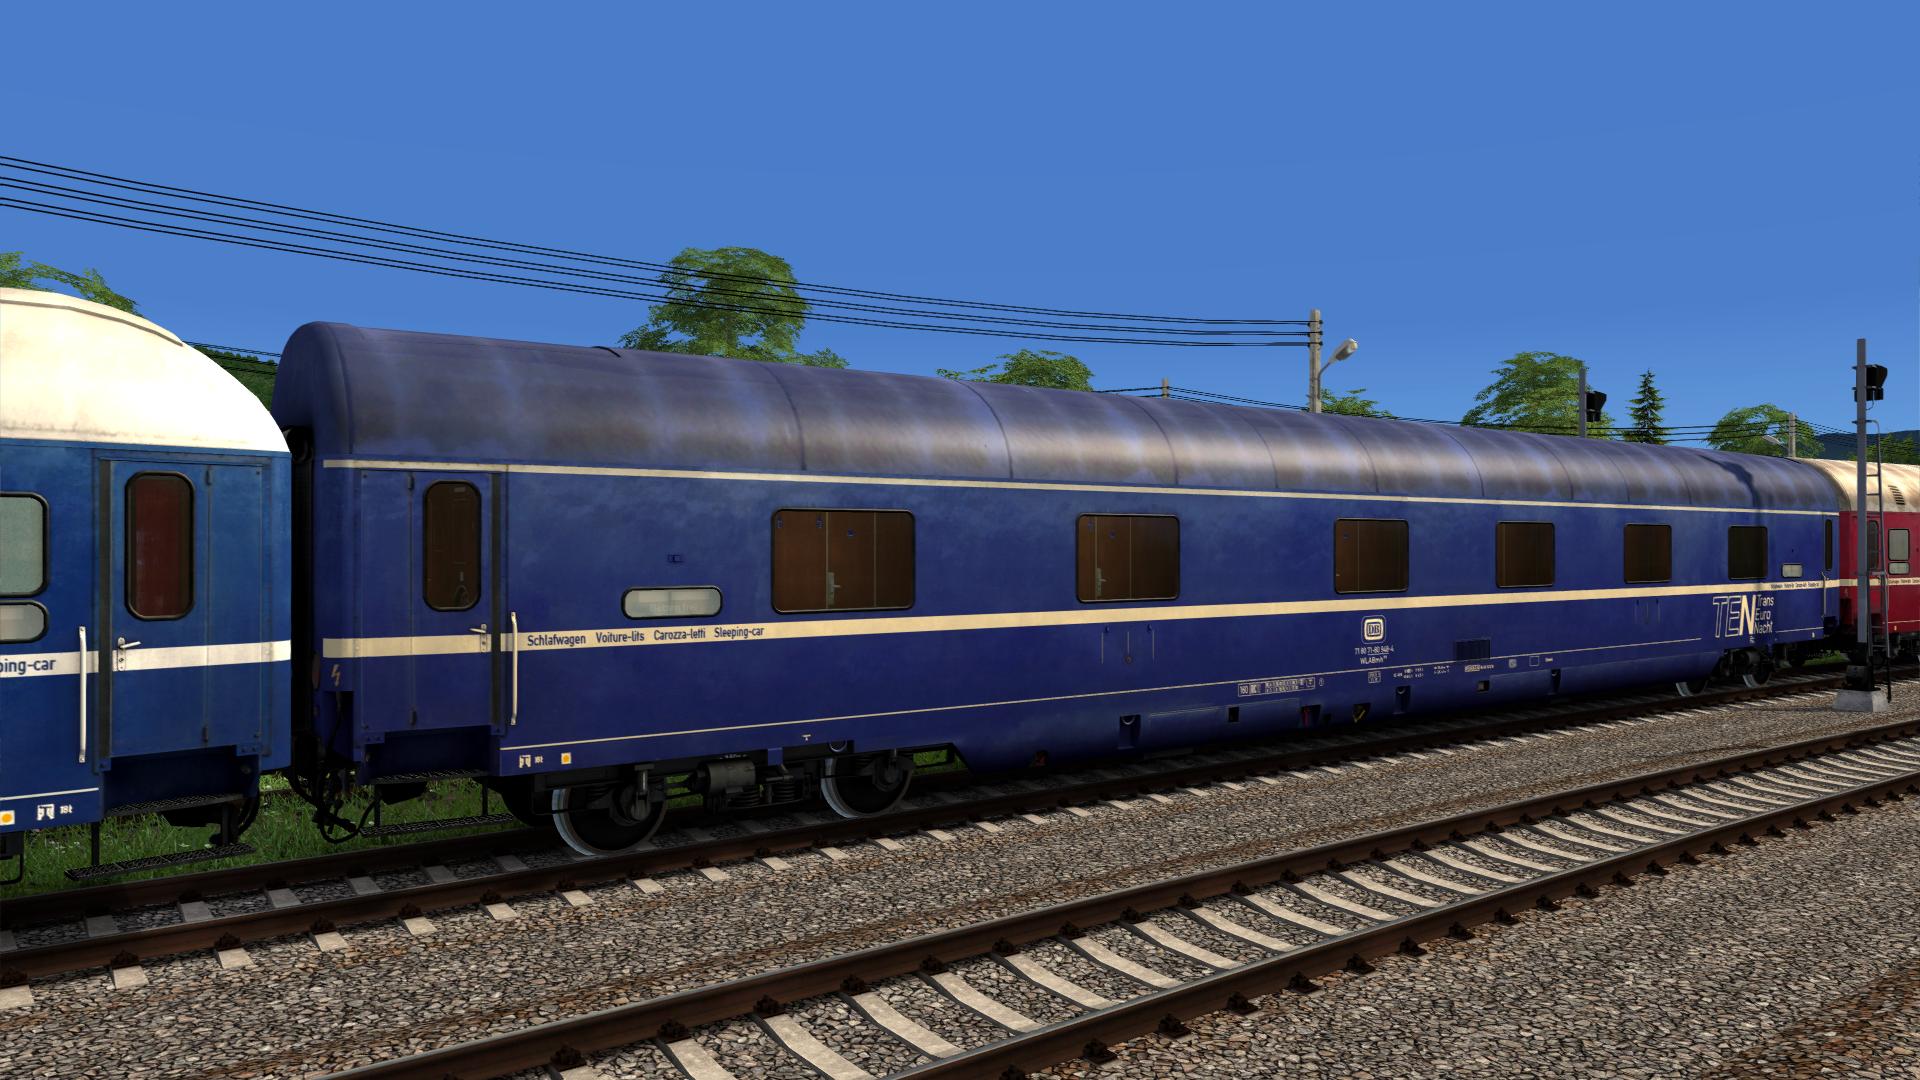 RailWorks64 2021-03-21 15-27-13